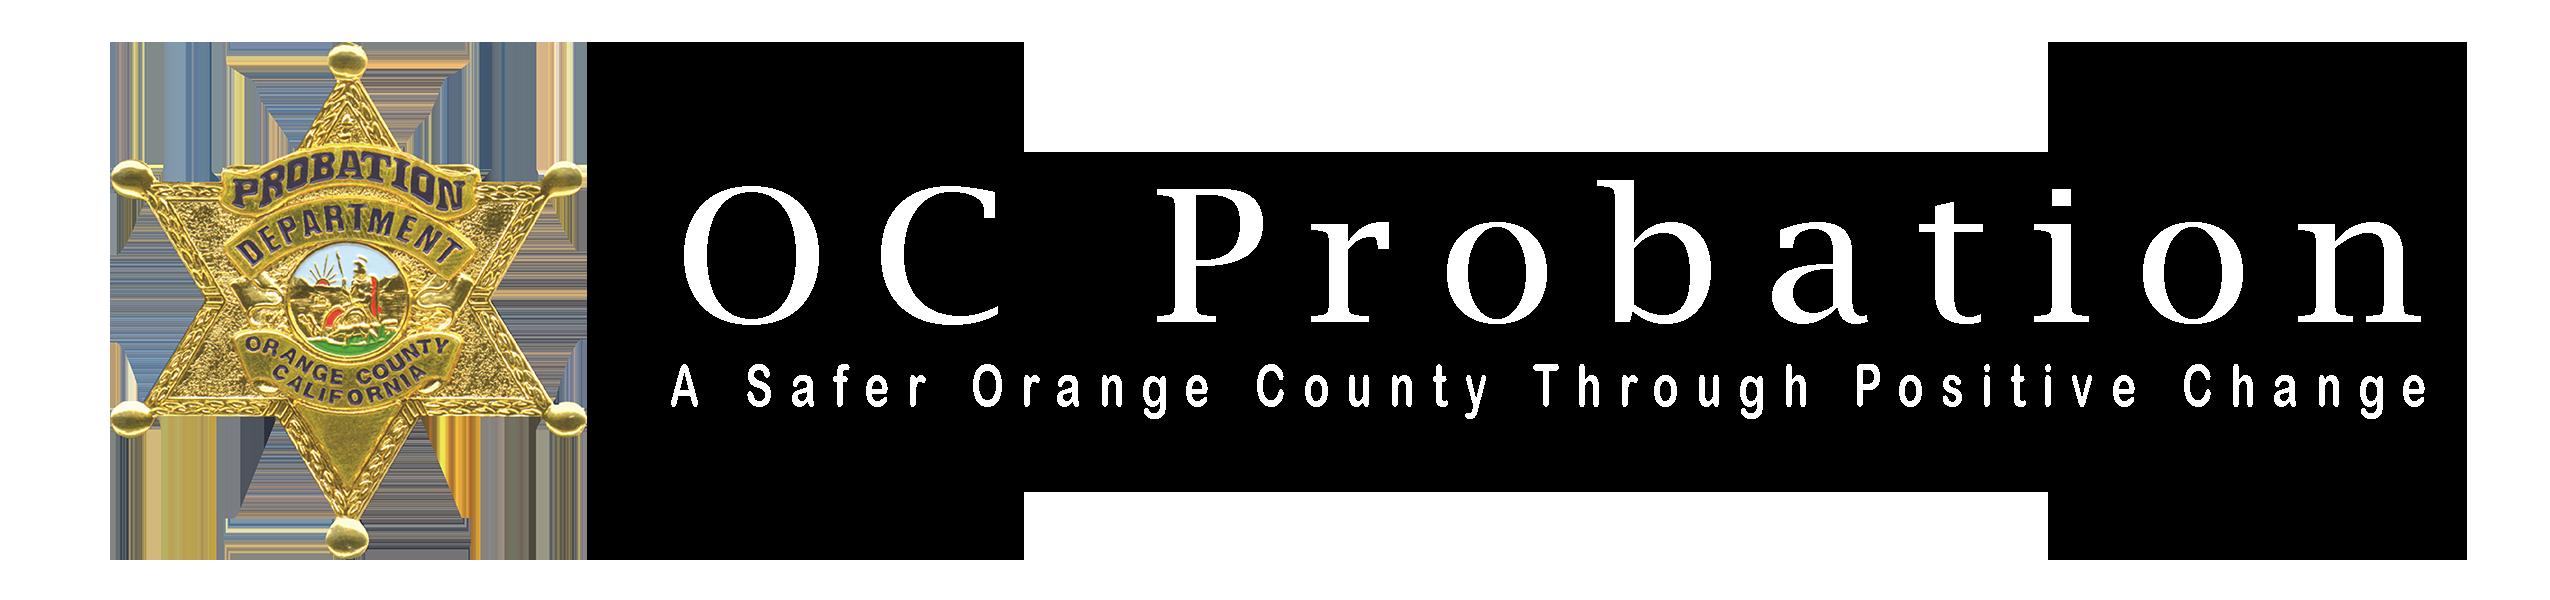 OC Probation Logo